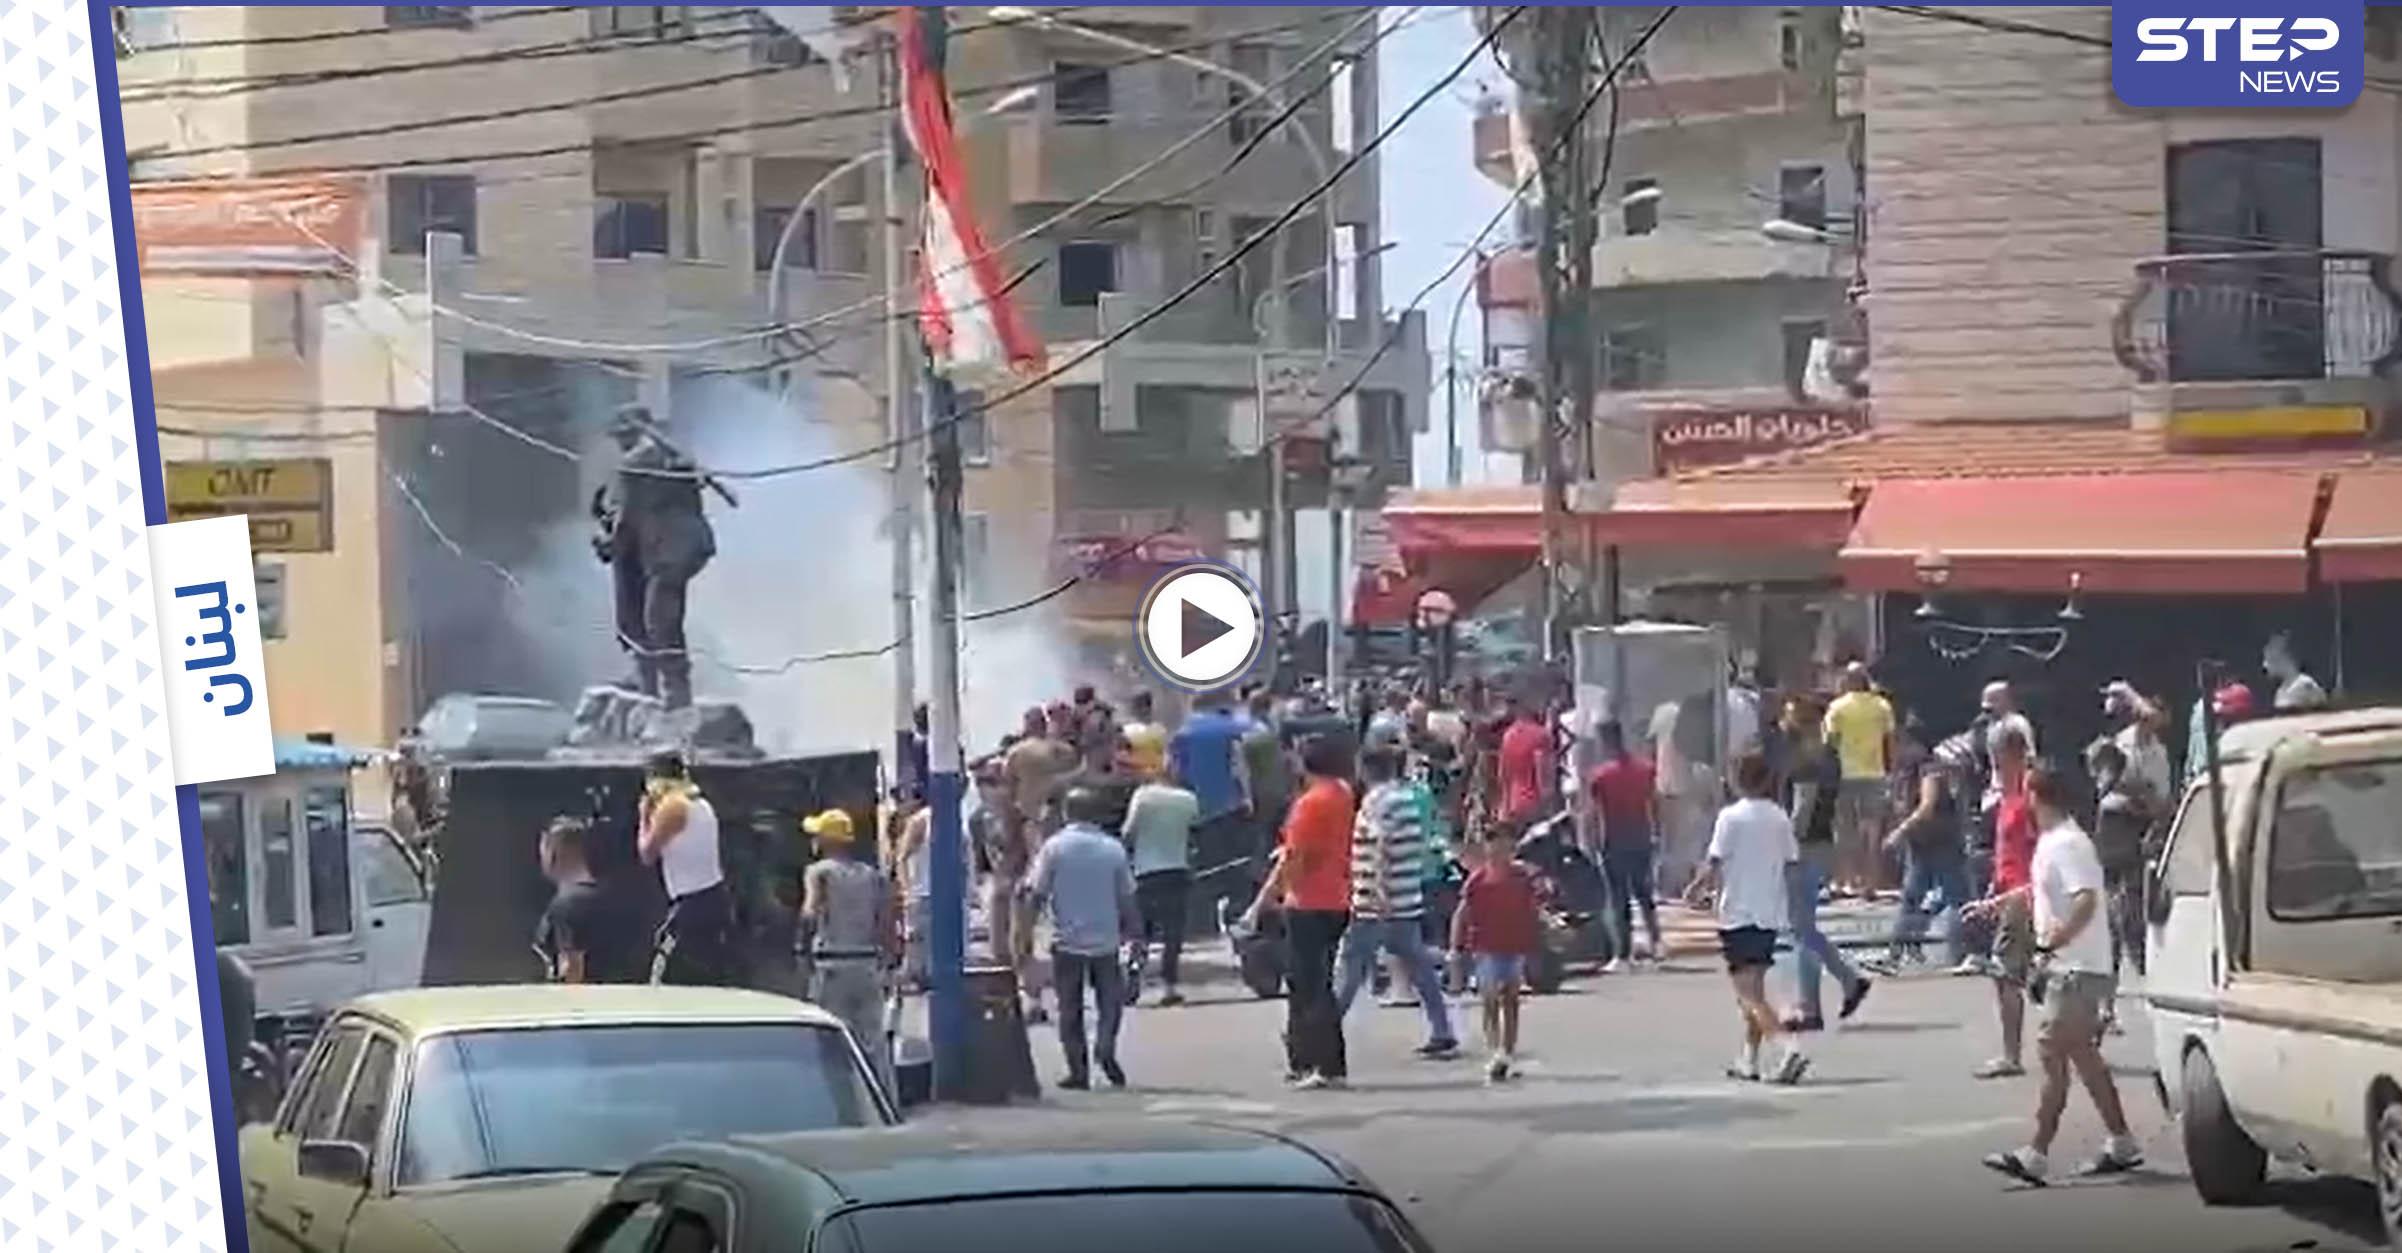 بالفيديو   في احتجاج على الانهيار.. قتلى وجرحى بمواجهات مع الجيش في طرابلس